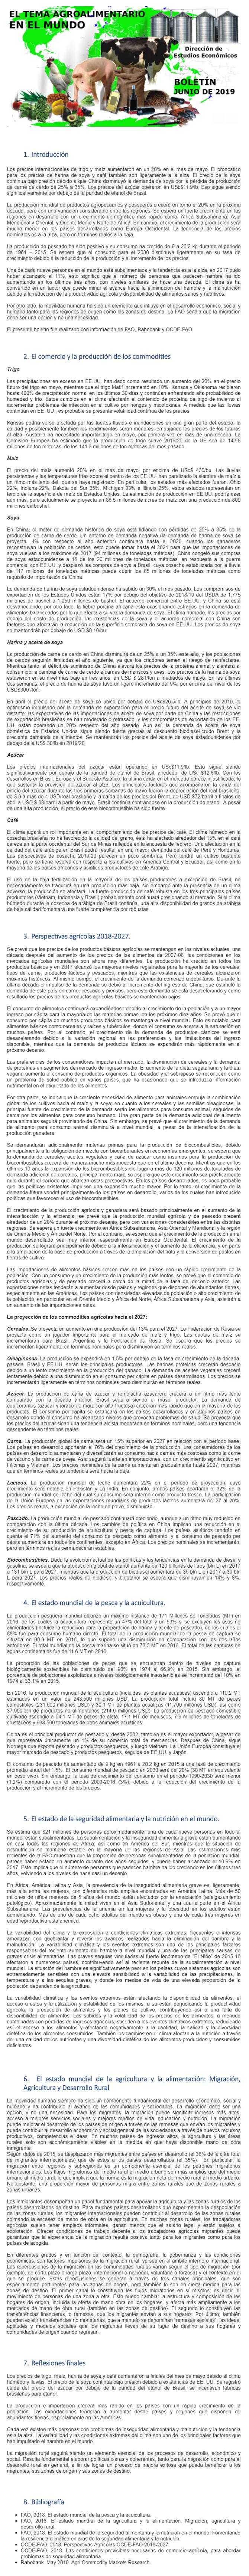 BOLETÍN: EL TEMA AGROALIMENTARIO EN EL MUNDO, JUNIO DE 2019